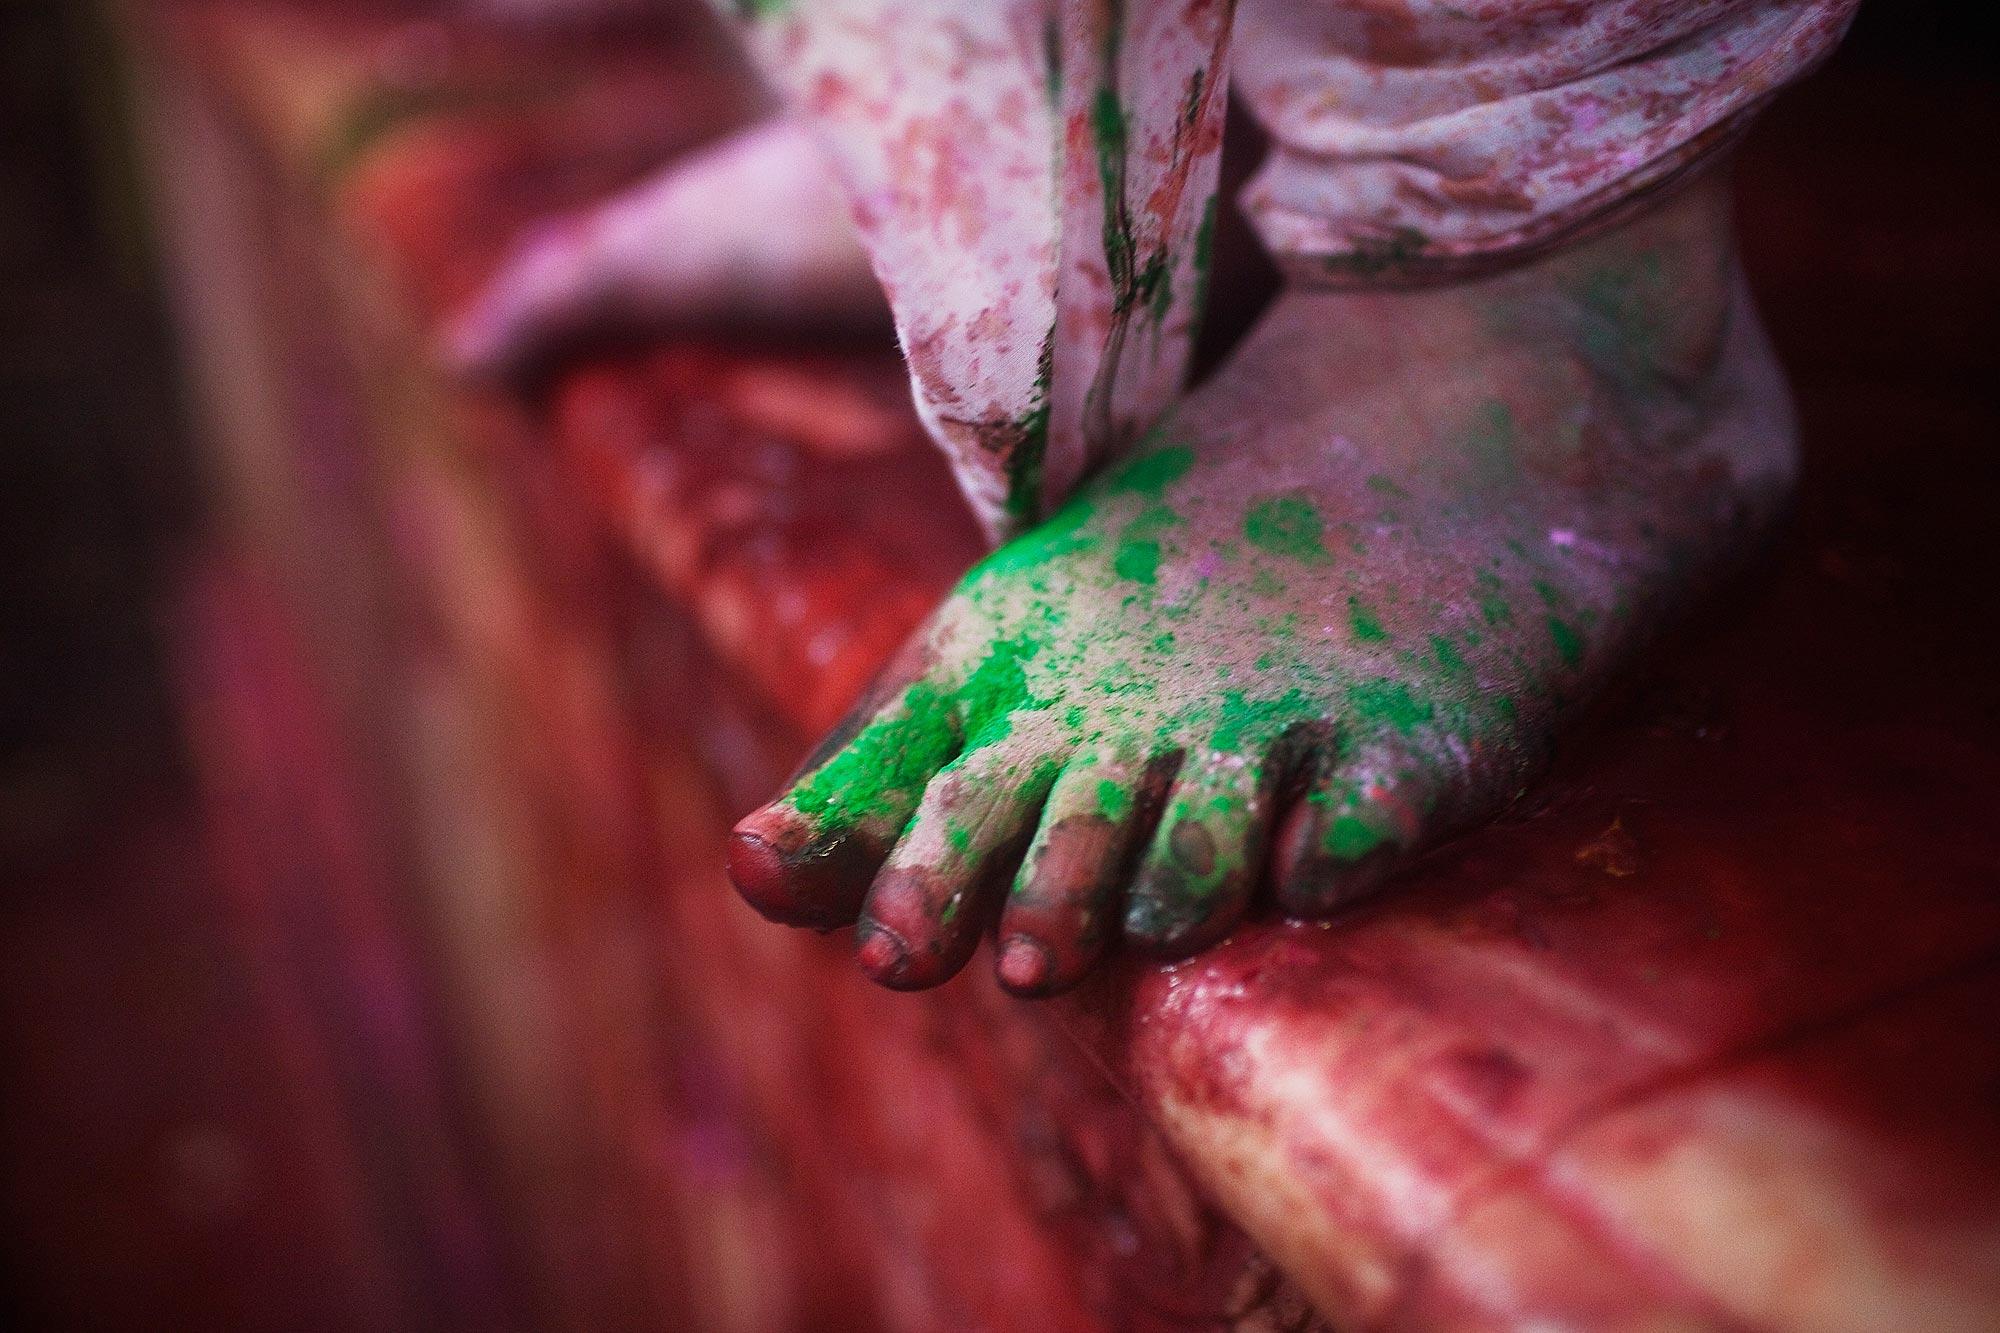 Festival das cores no templo Bankey Bihari, em Vrindavan, Índia